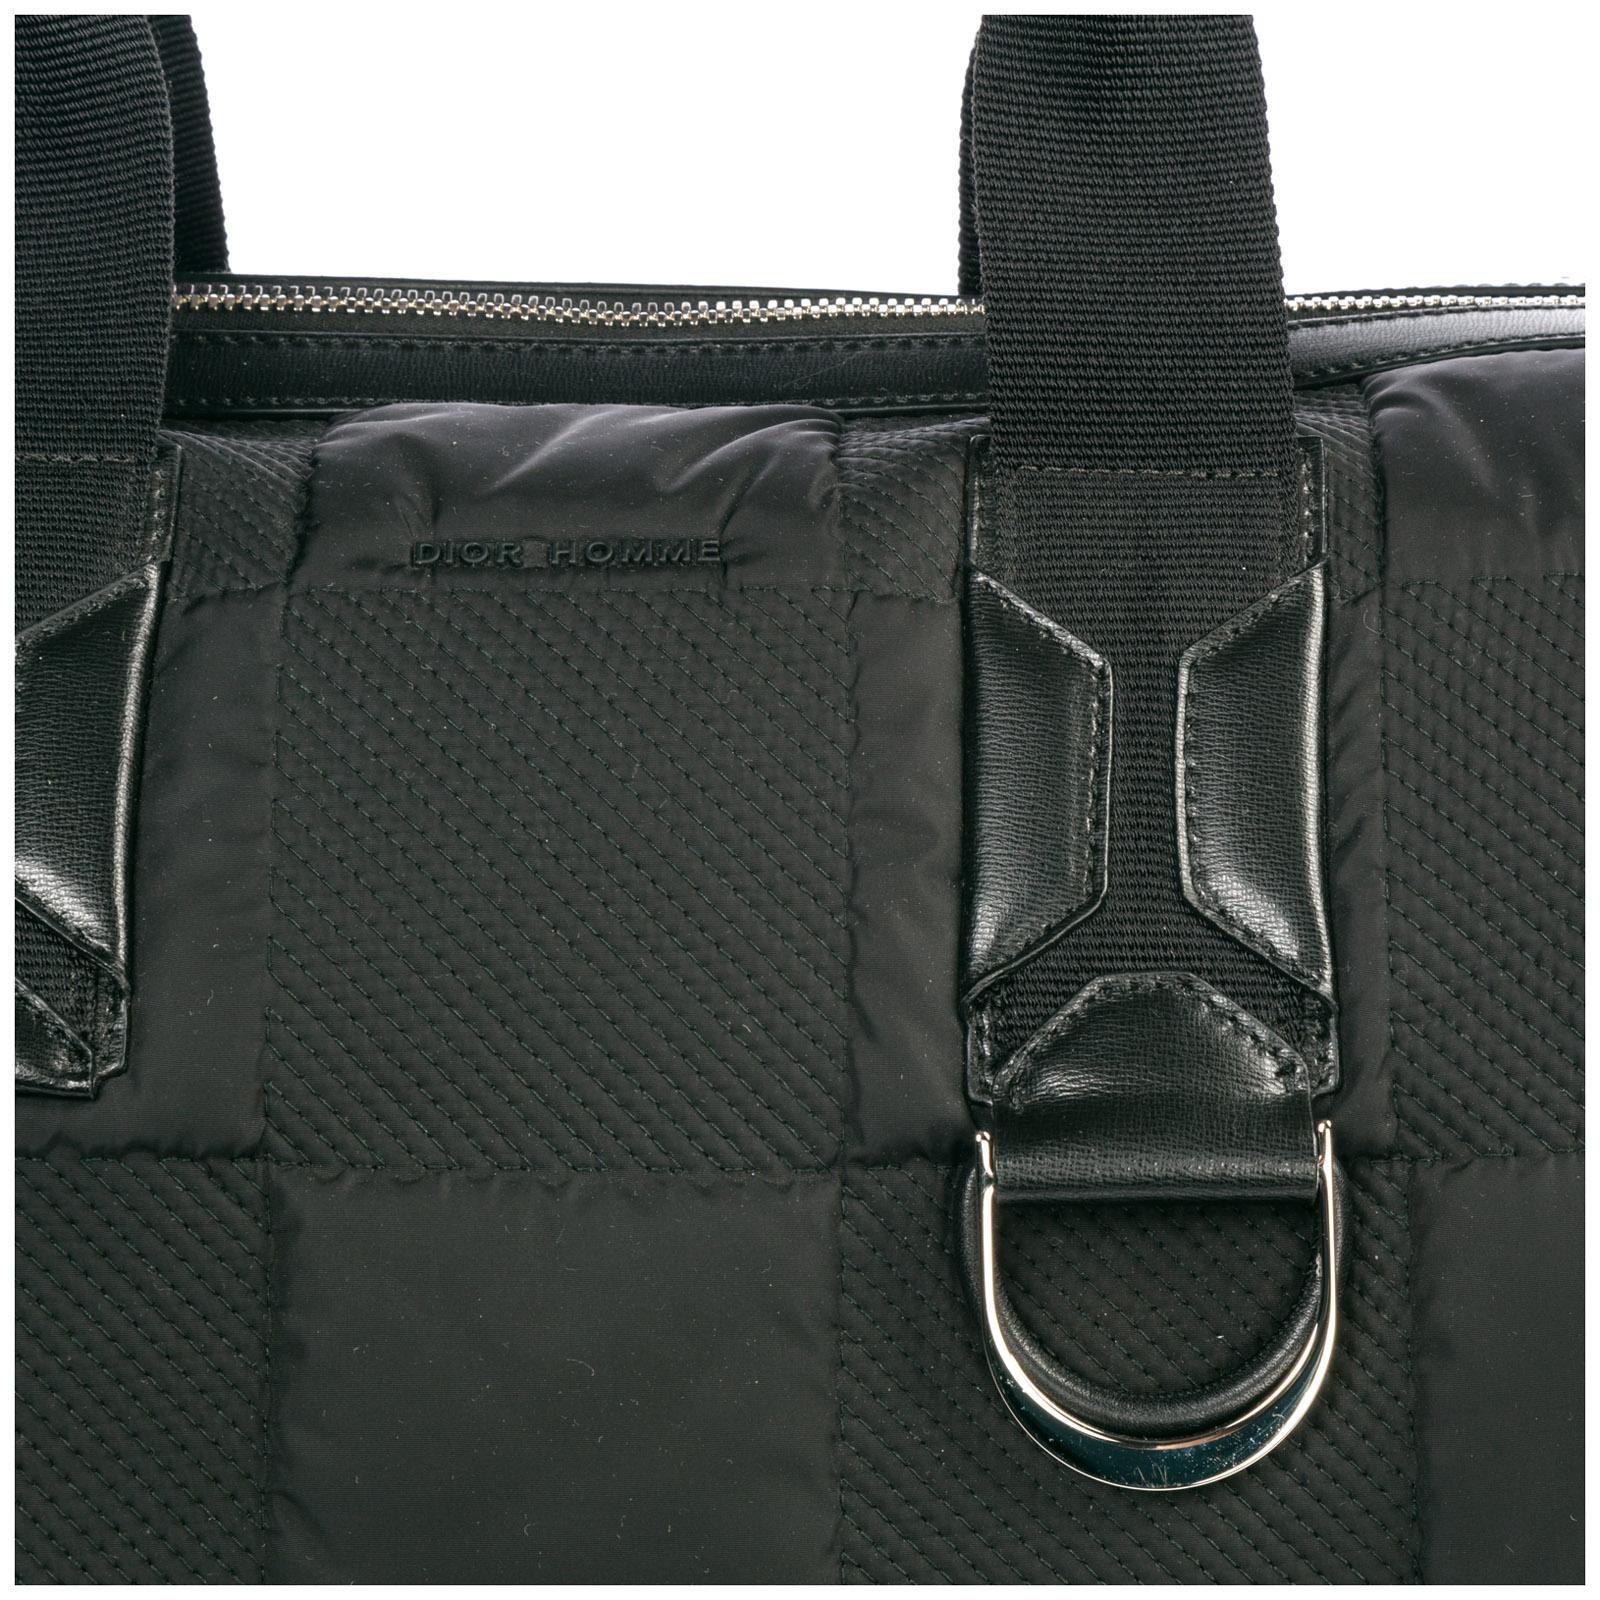 ... Travel duffle weekend shoulder bag nylon ... 4a4ee0c55ea62